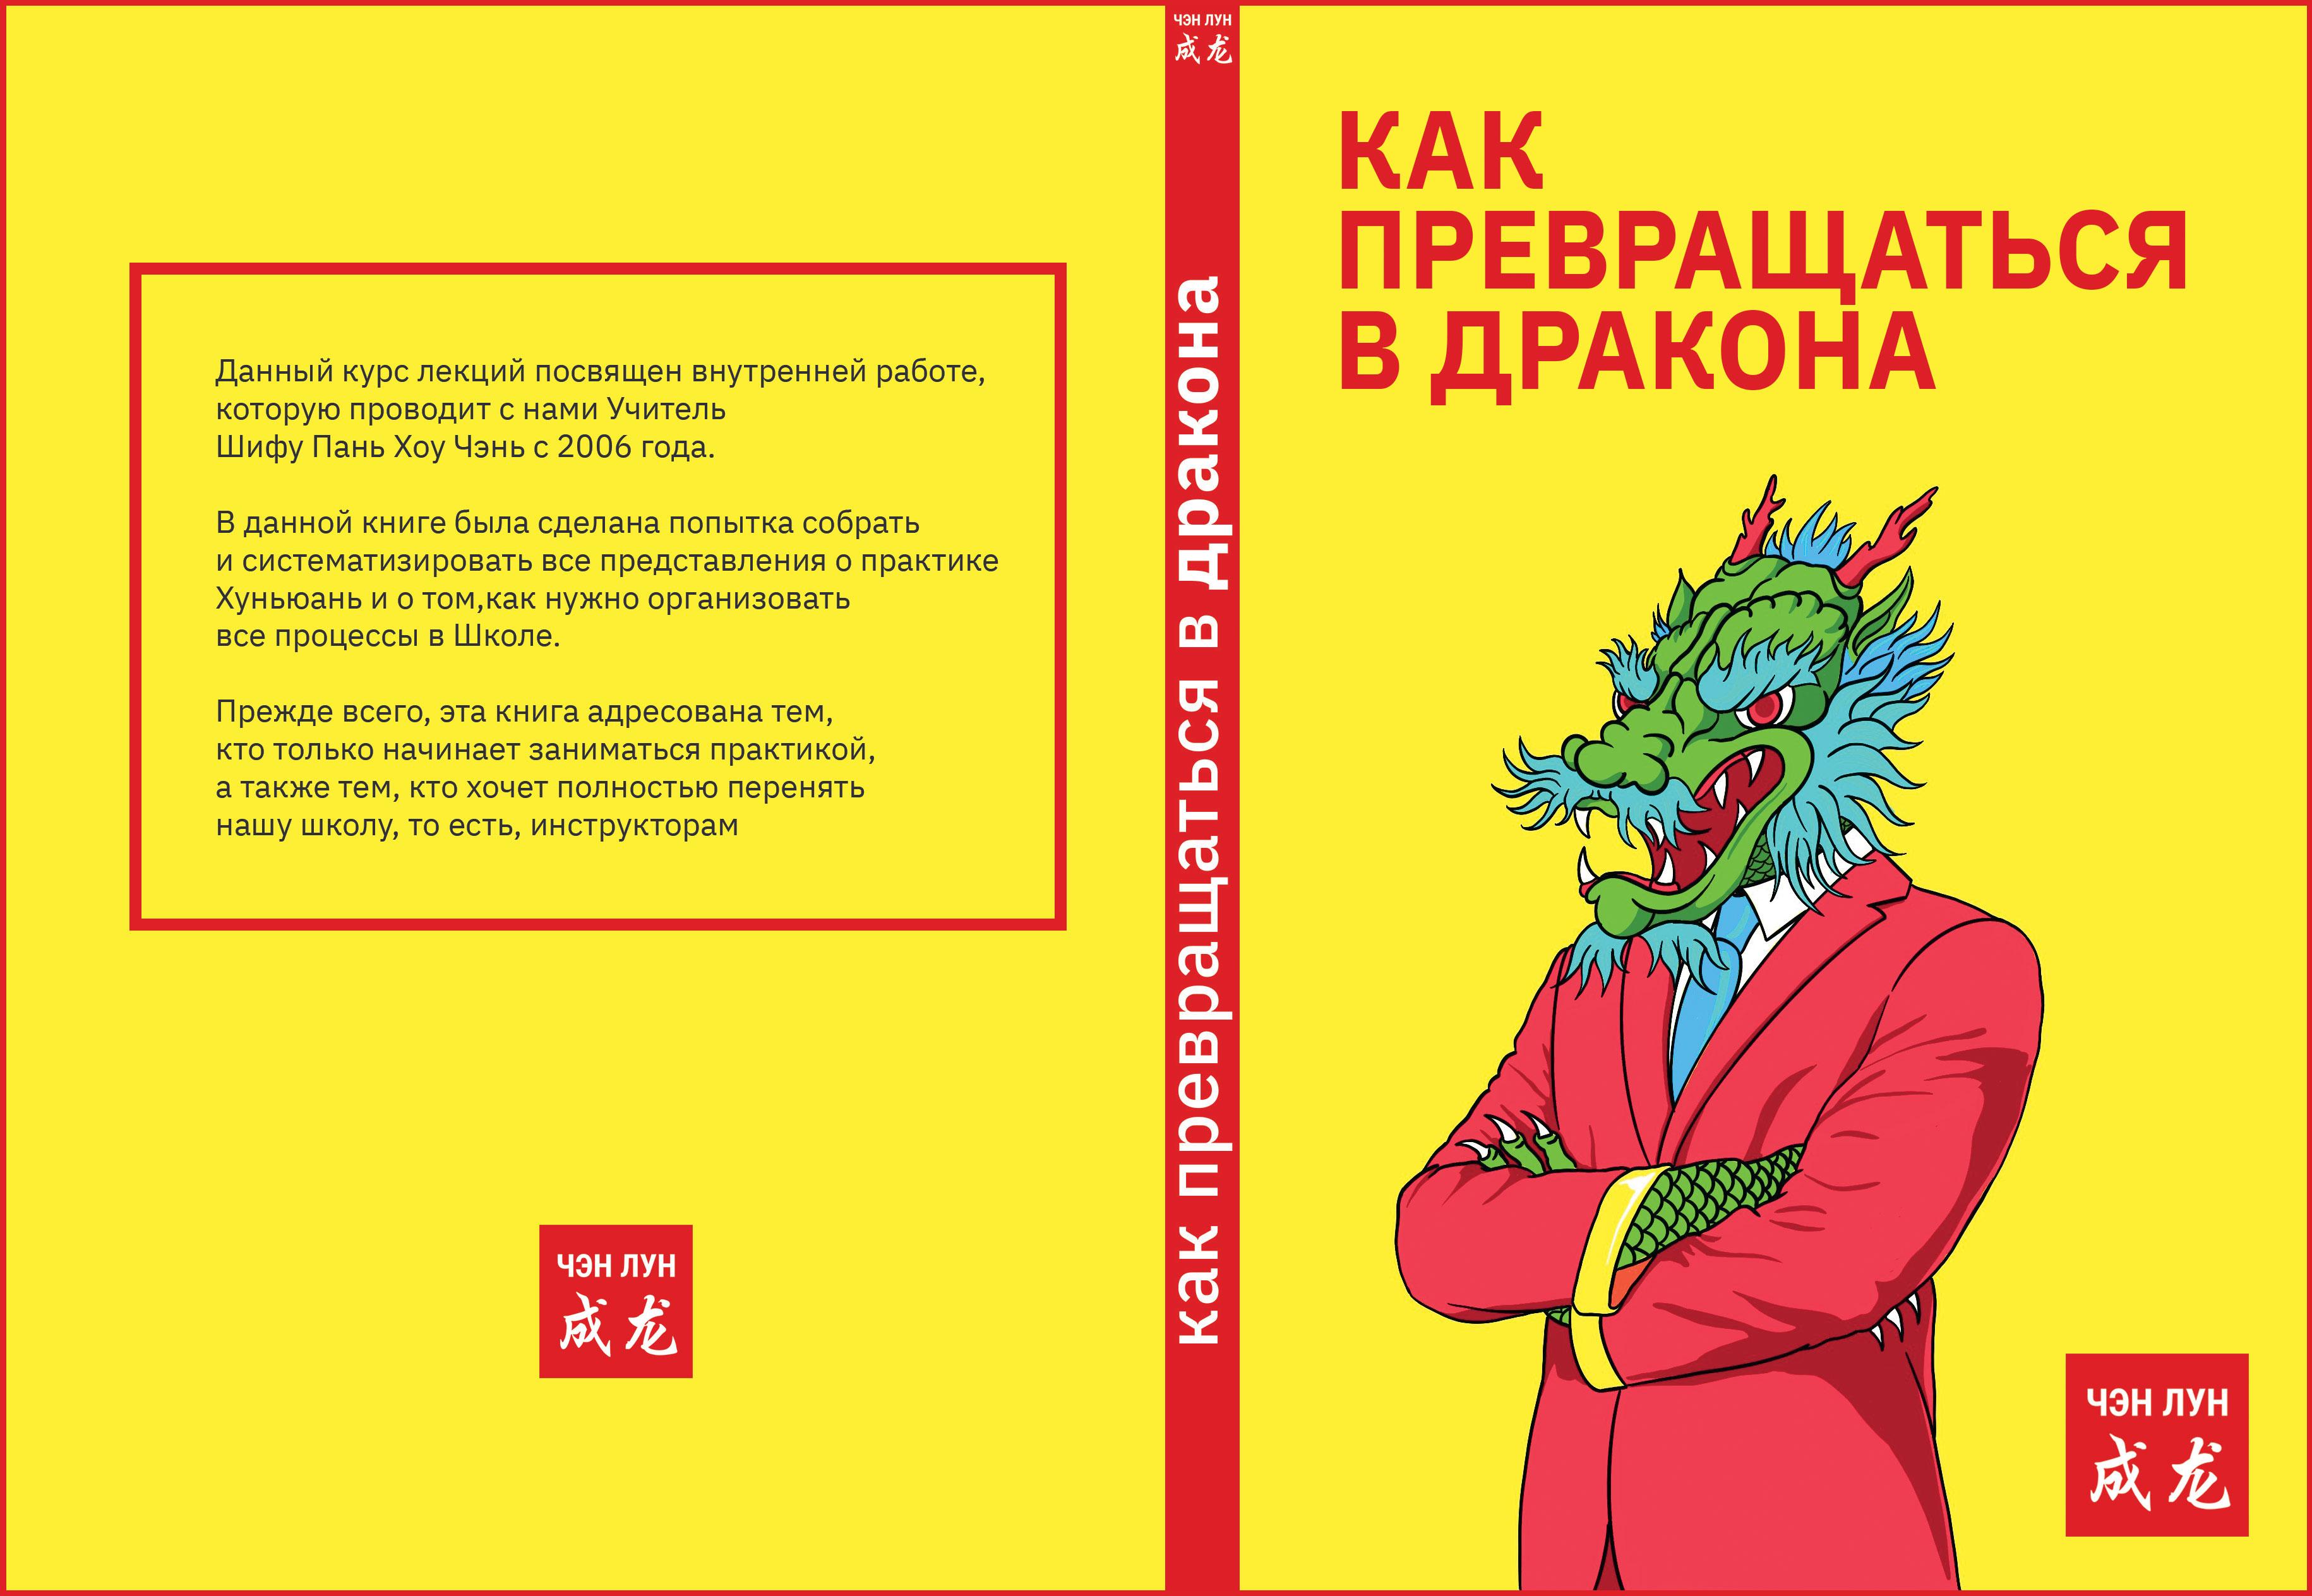 Обложка для книги фото f_9335f611859759e7.jpg